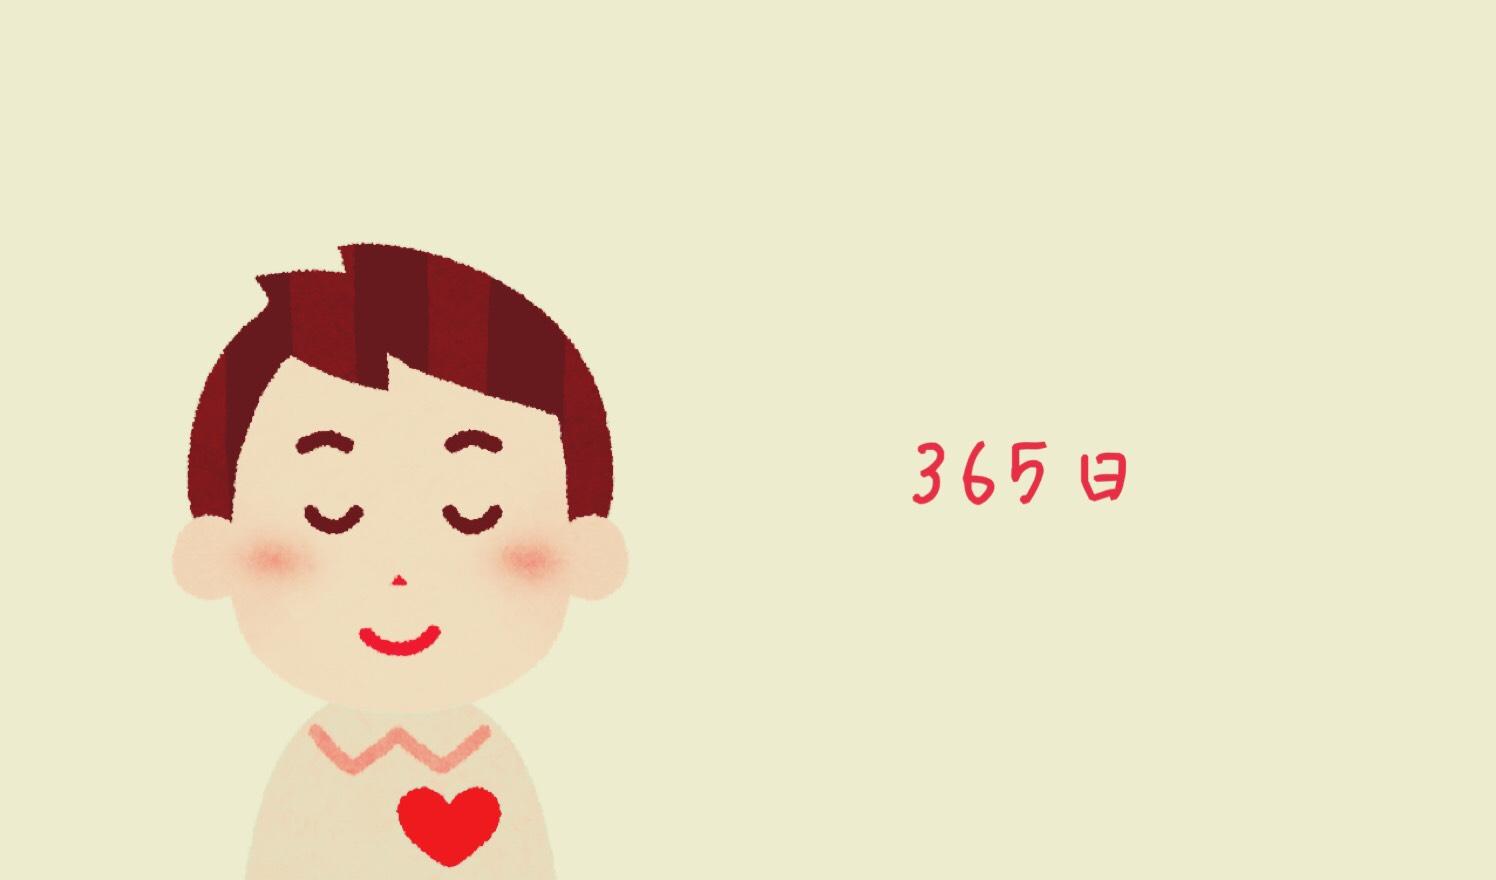 「365日」のイメージ